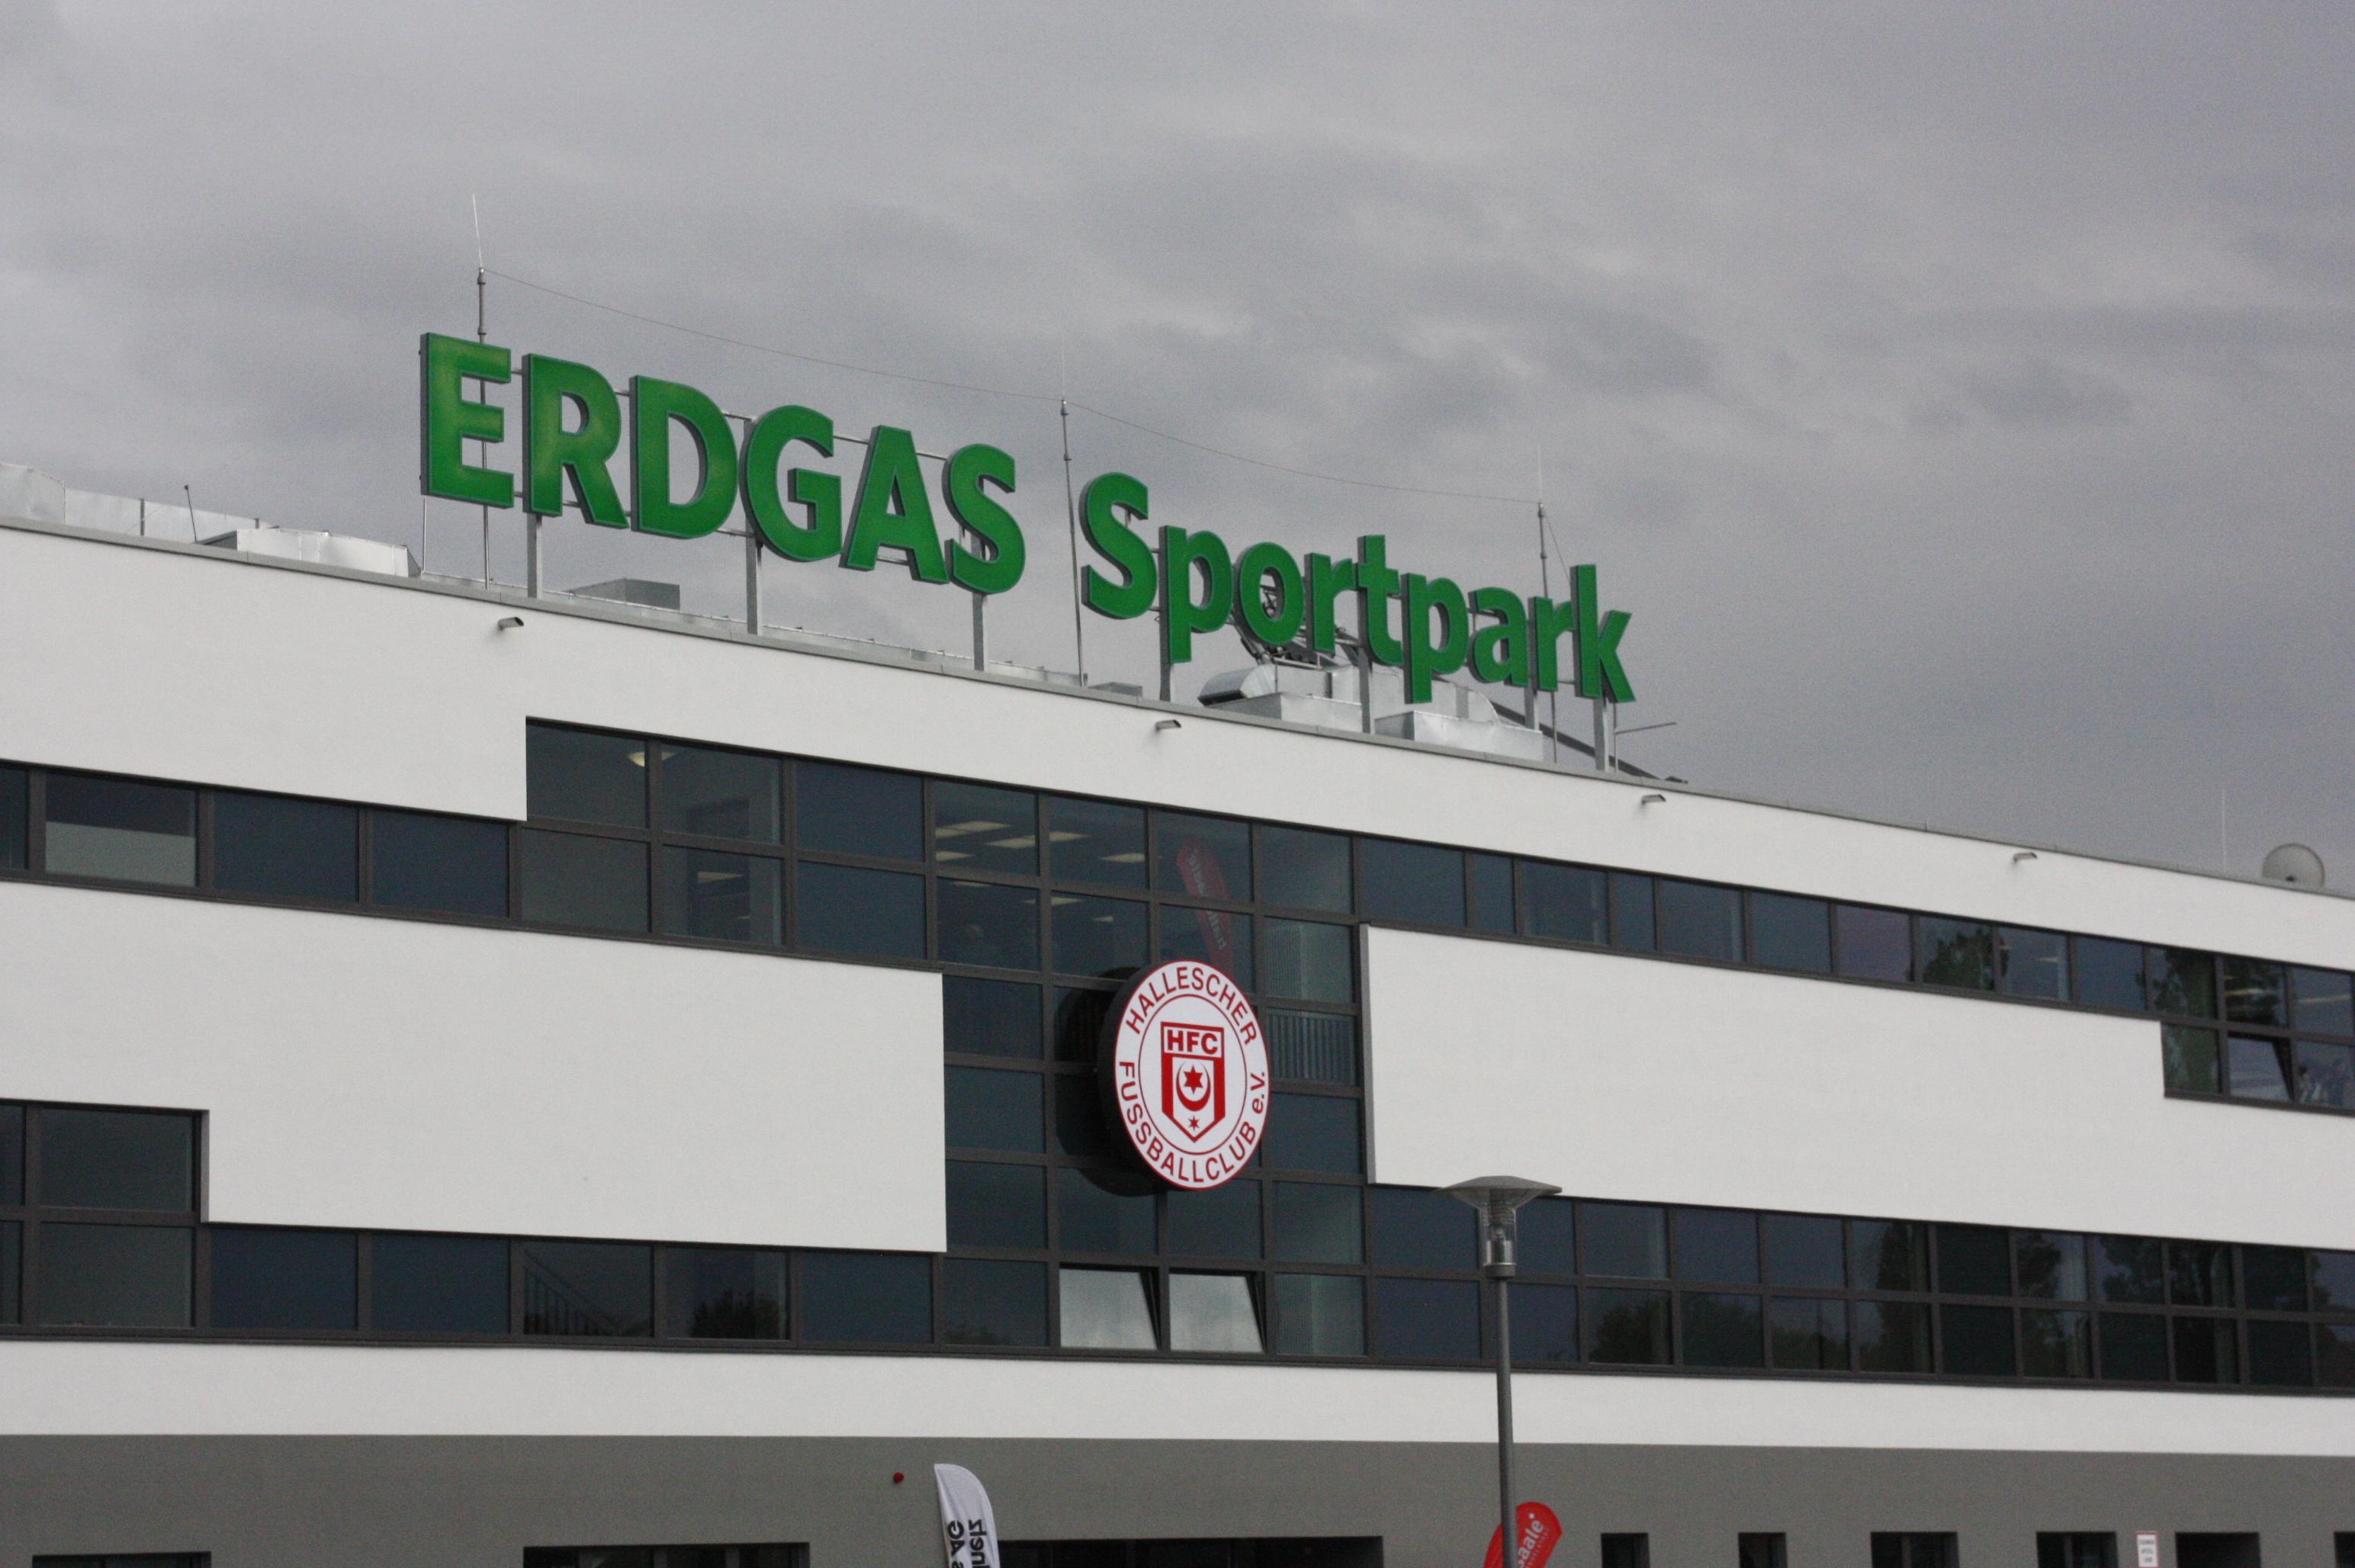 Erdgas Sportpark2